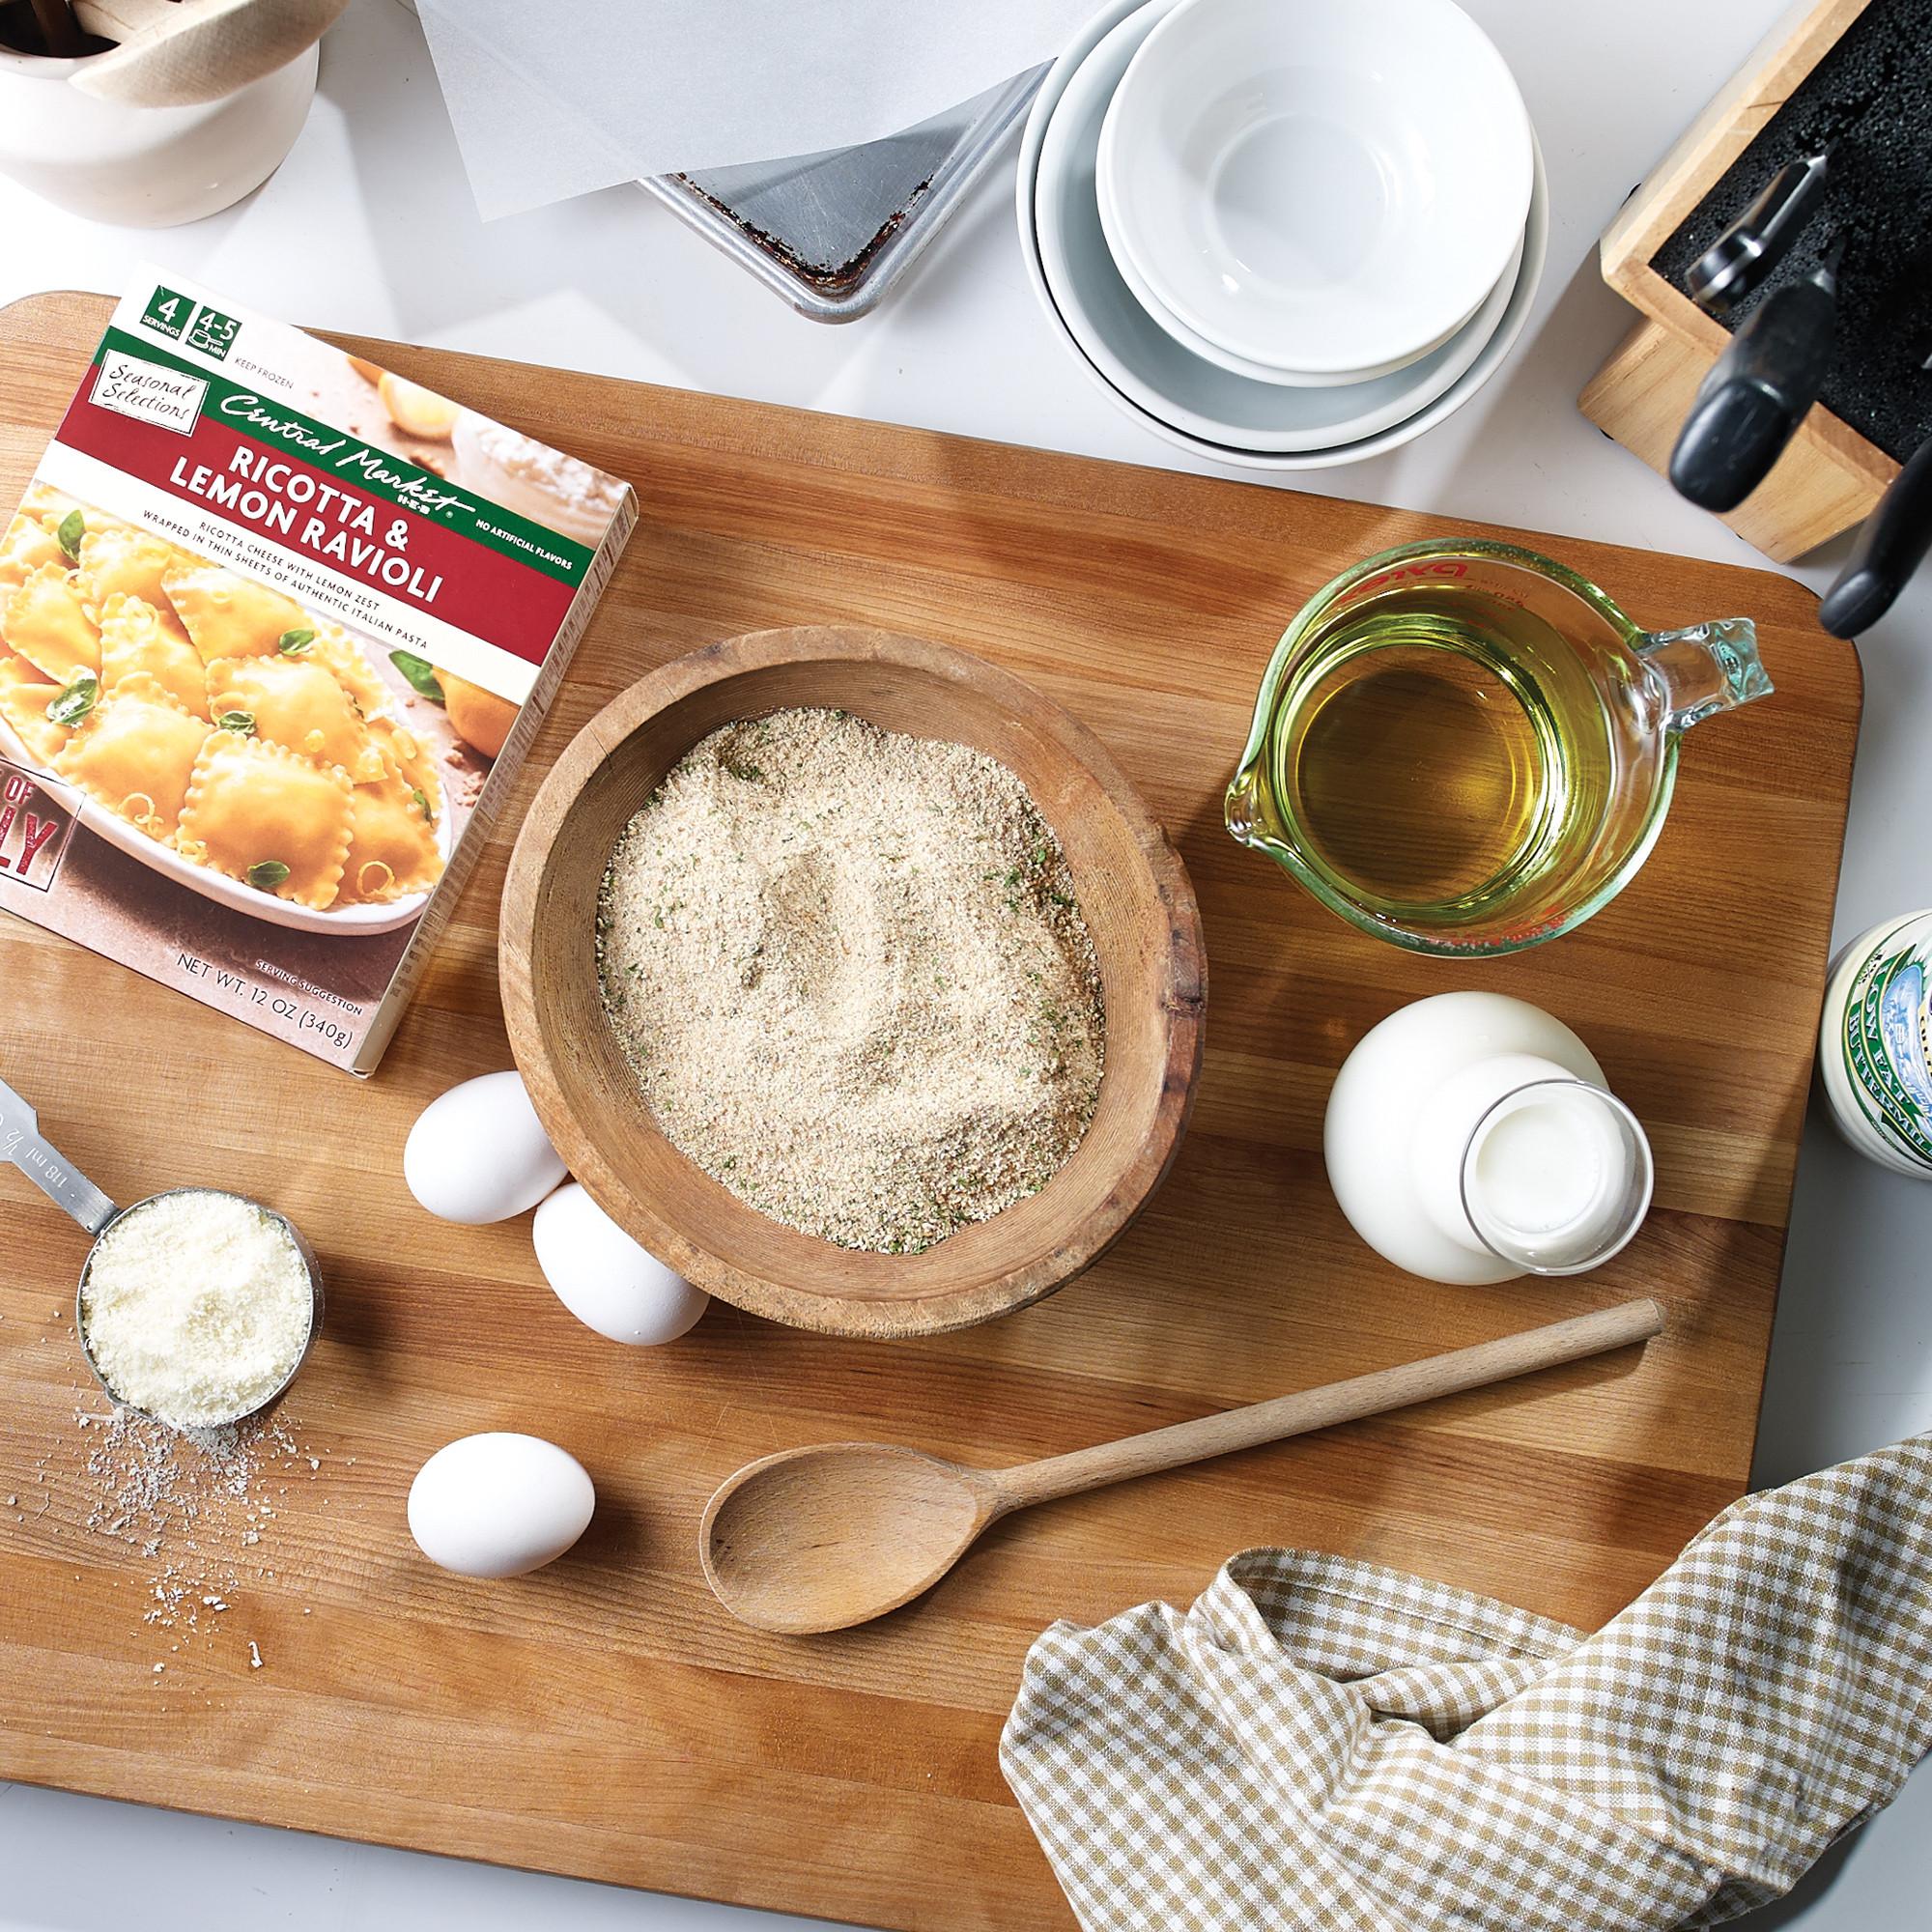 Ravioli Fritti-Ingredients Ingredients